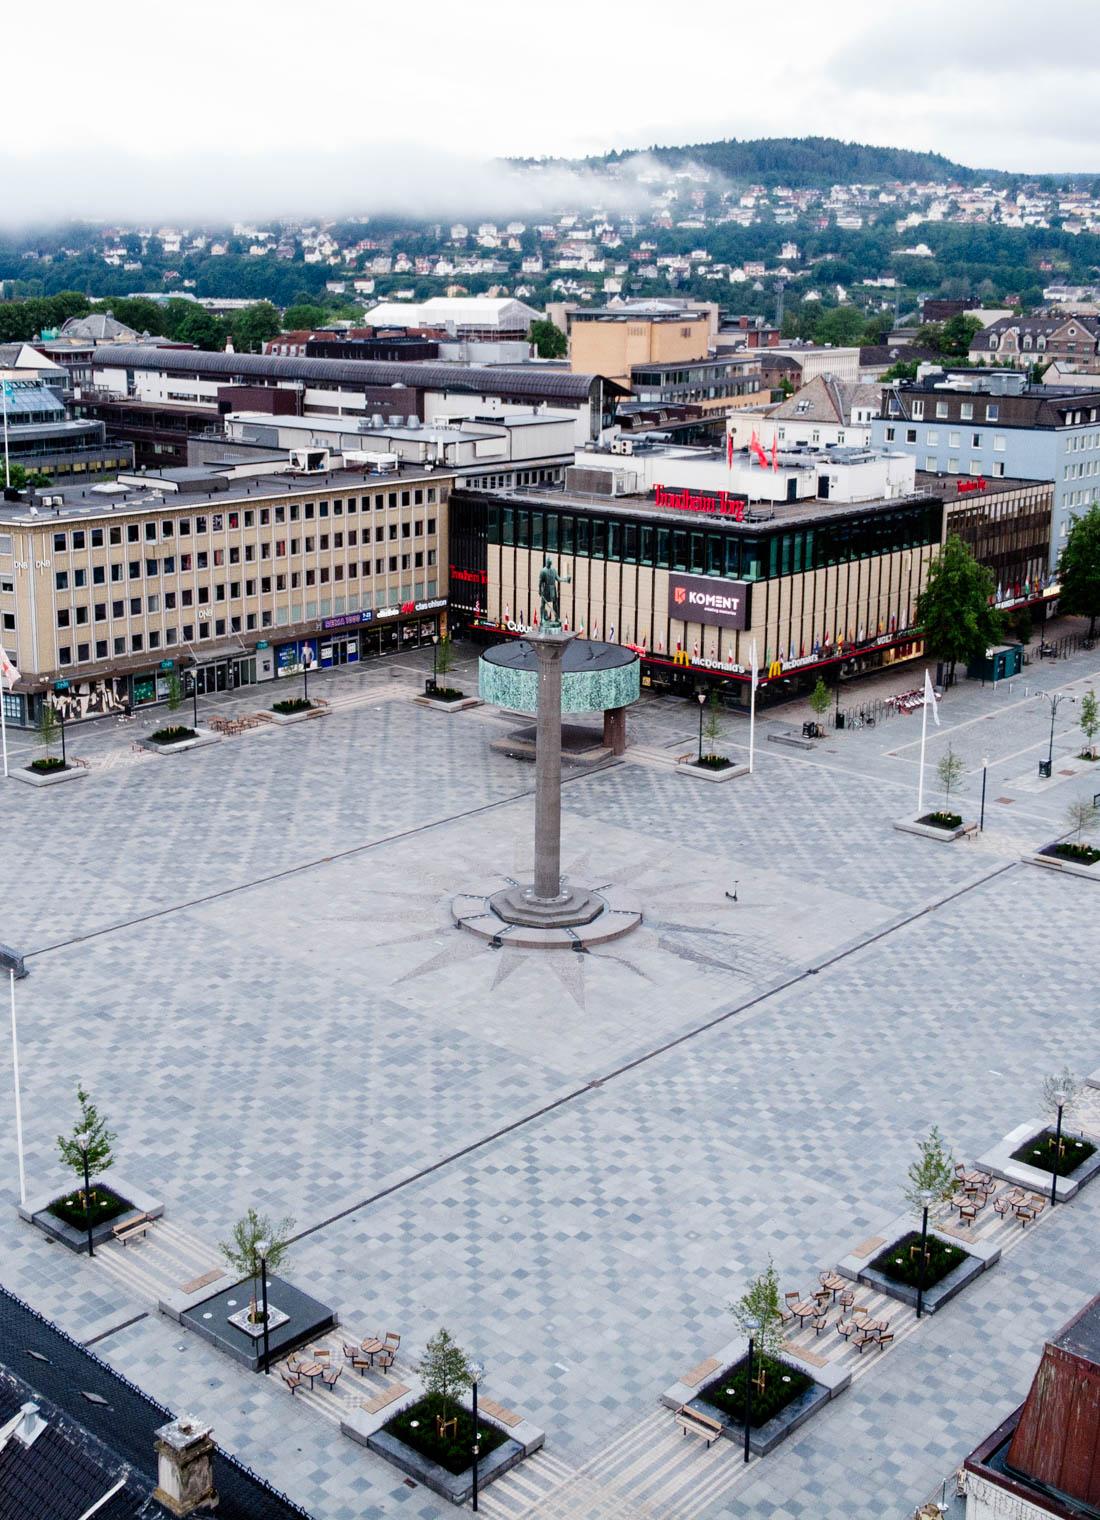 Torvet i Trondheim med fliser av skifer på bakken. Olav Trygvasson er i midten av bildet.